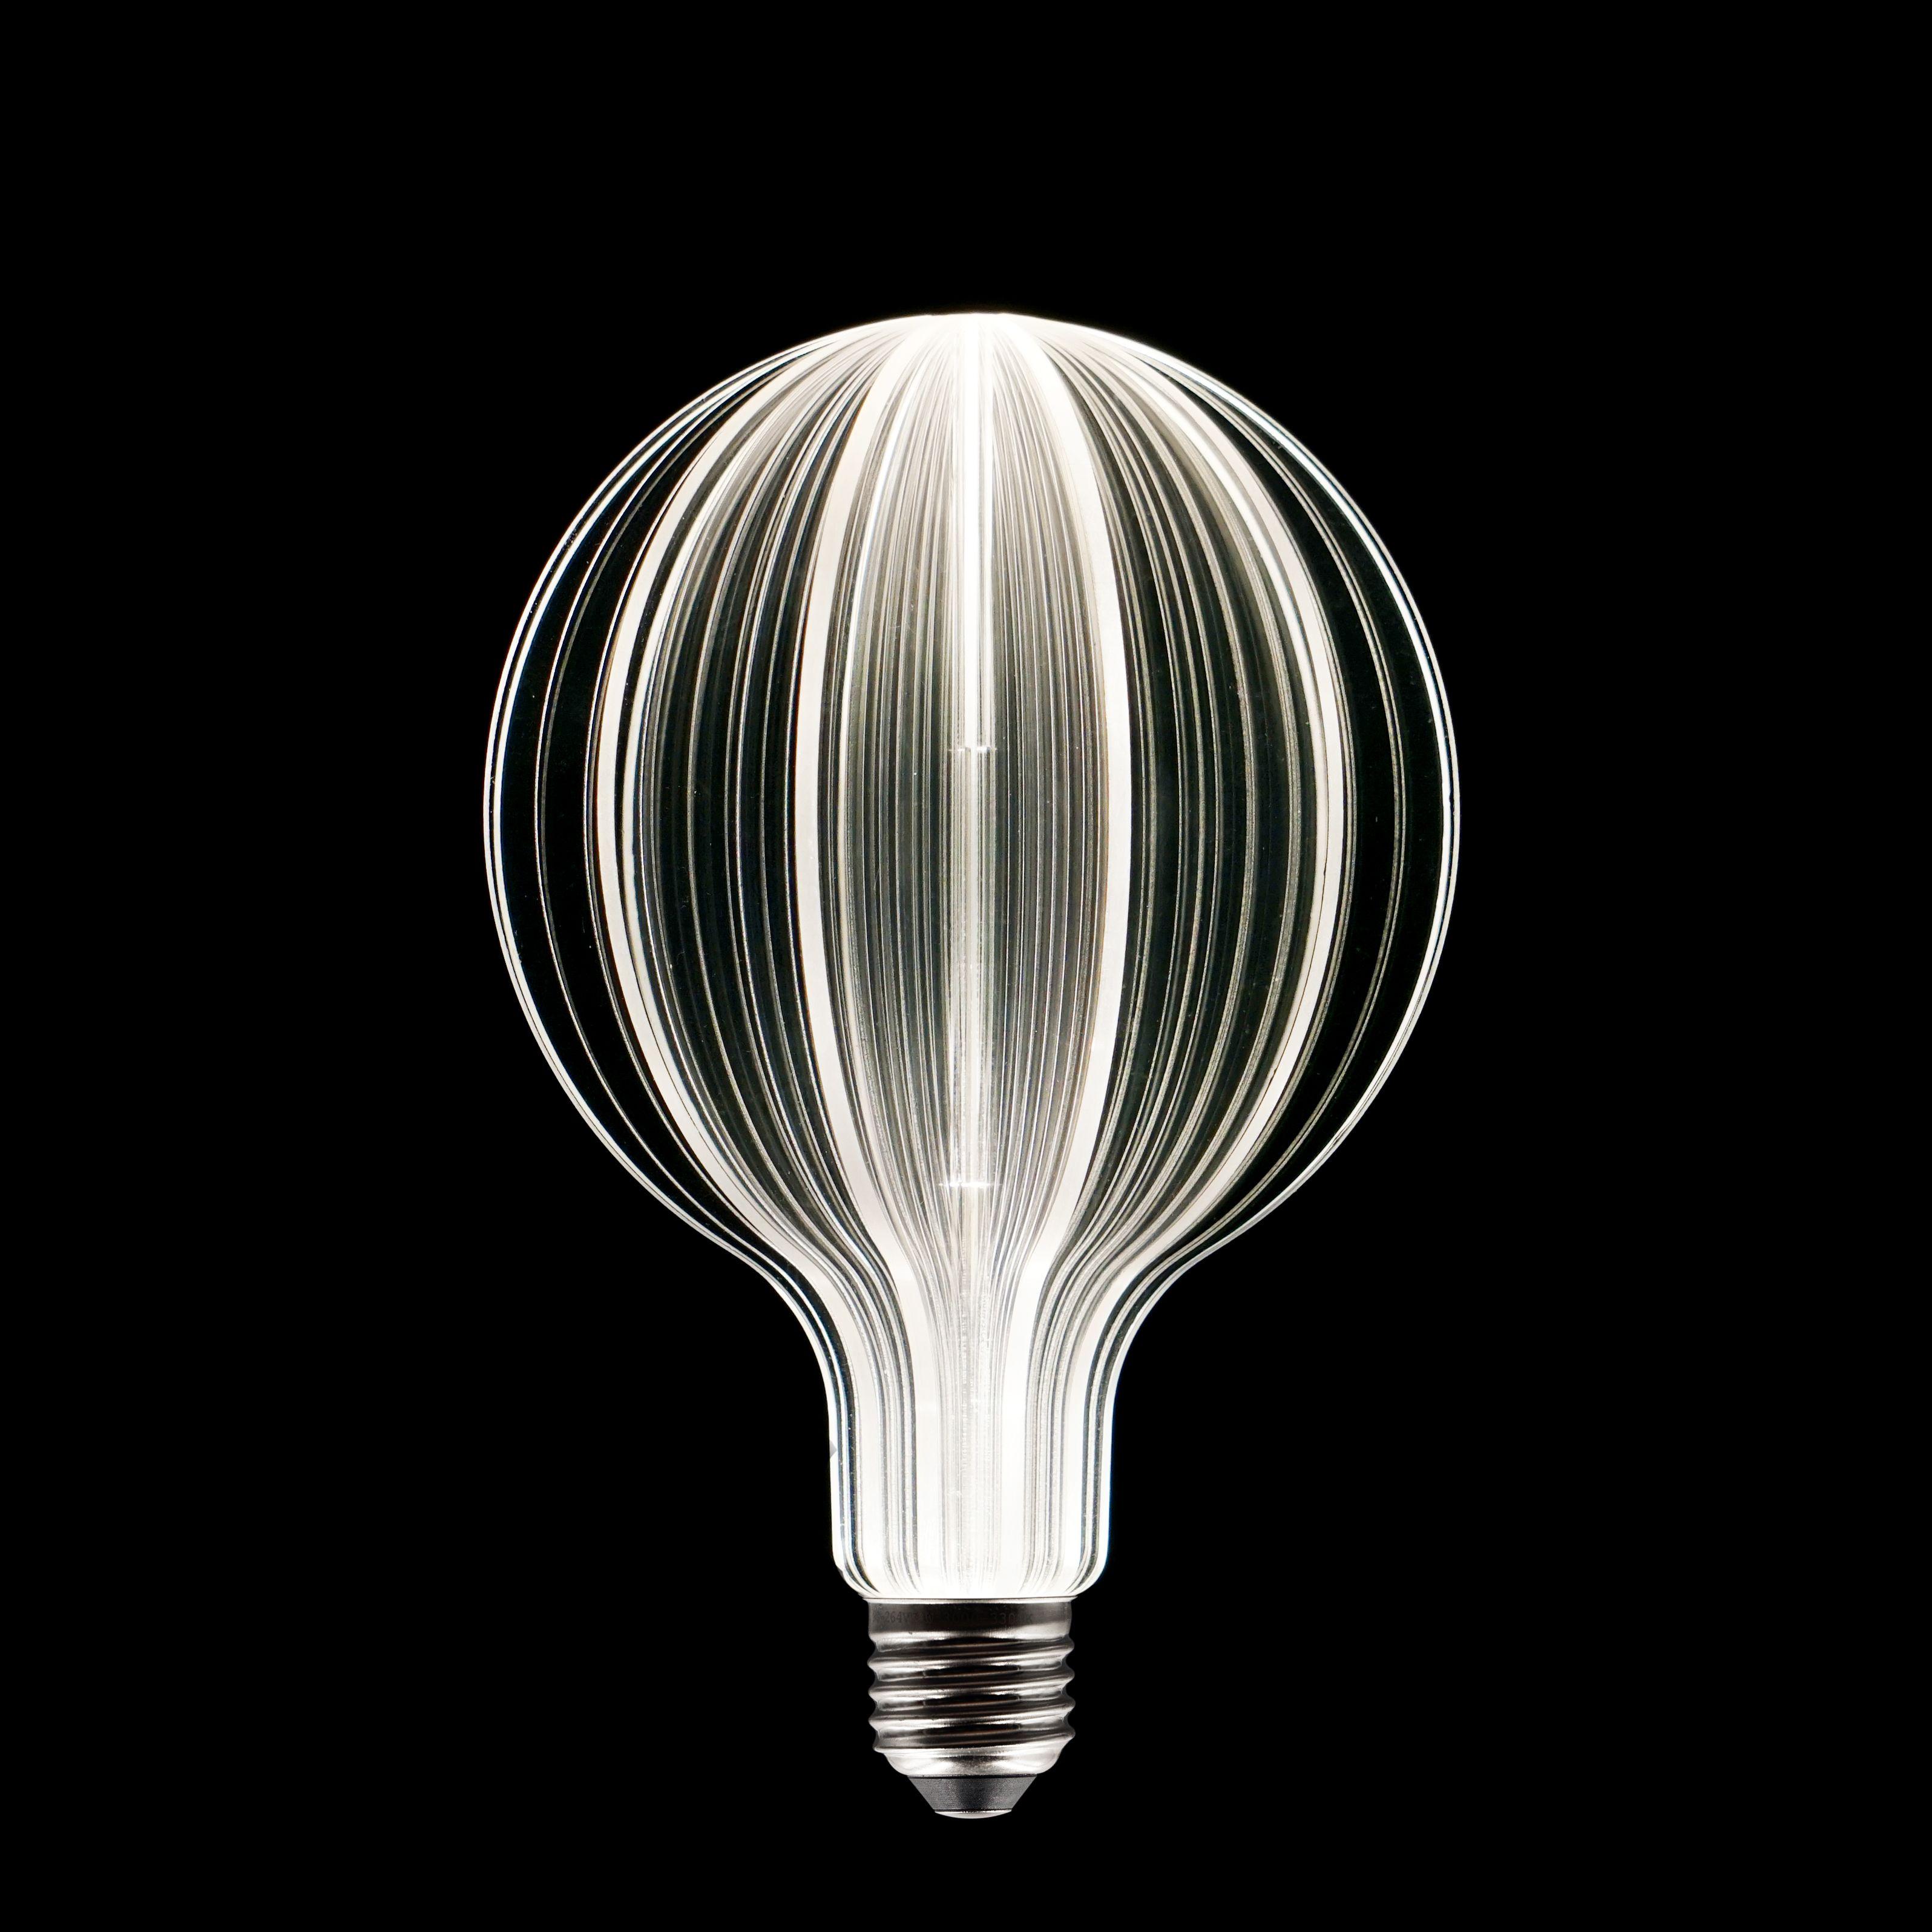 Uri Laser Etched Led Light Bulb